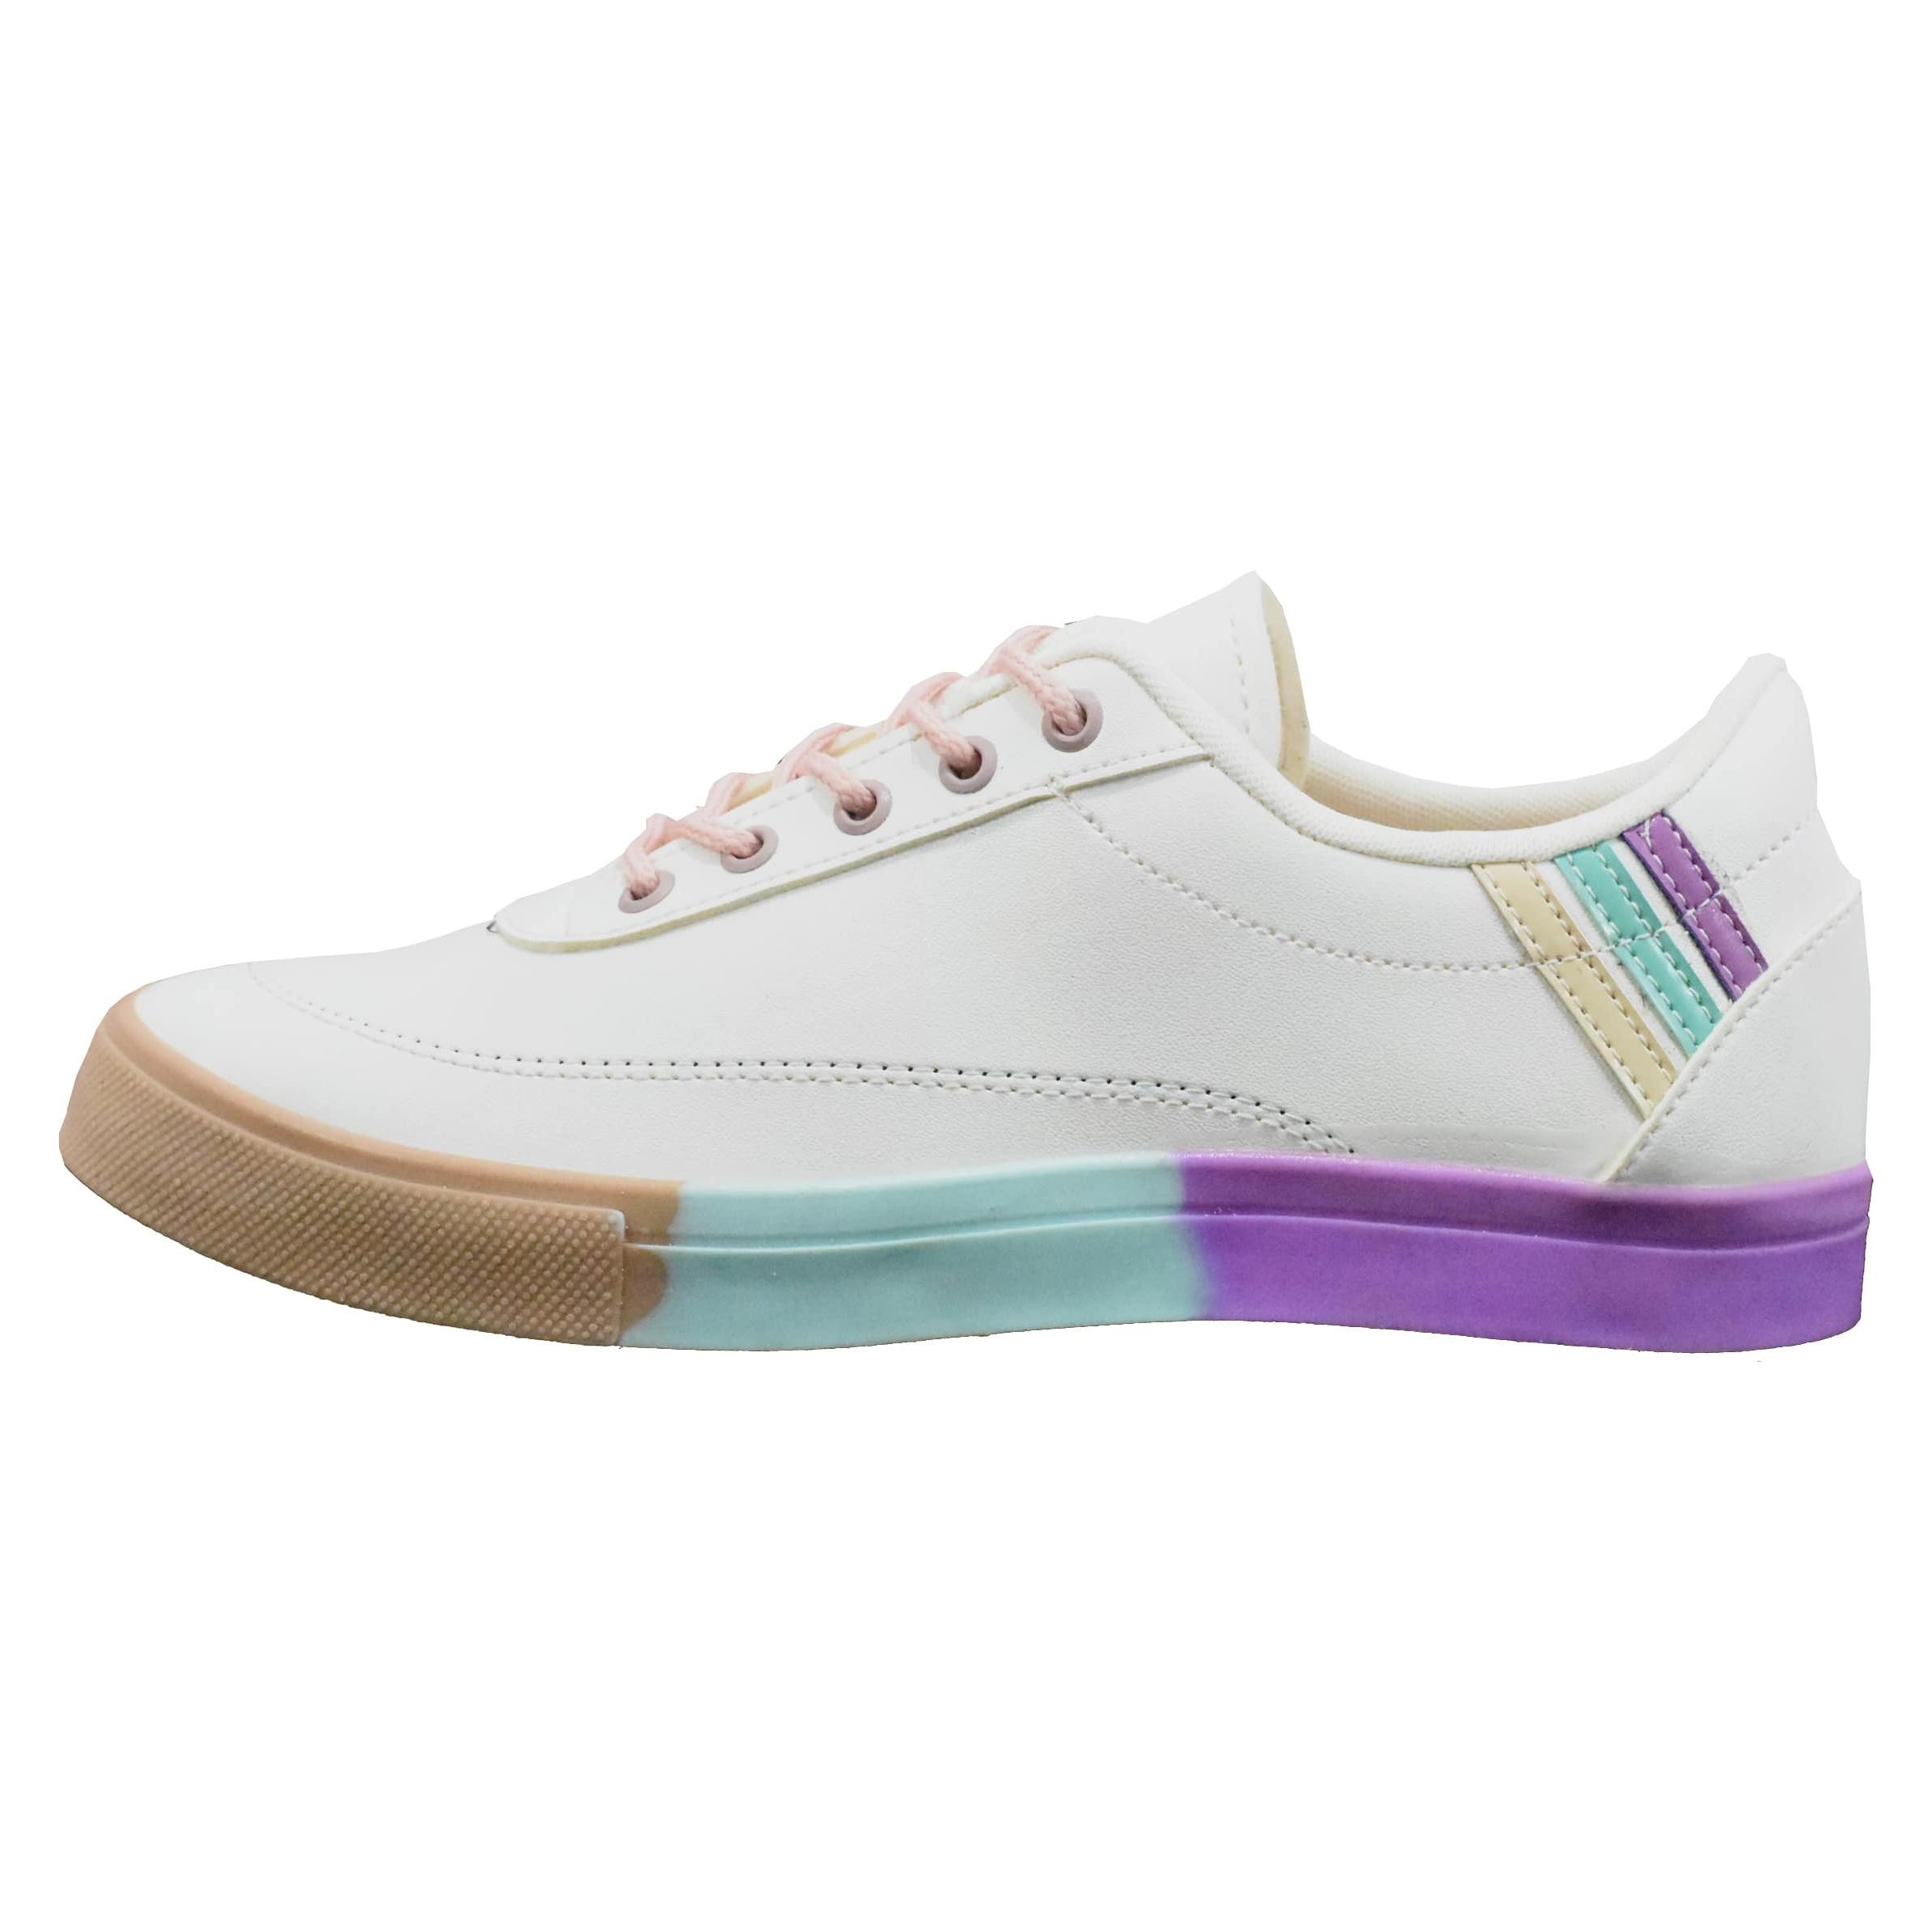 کفش مخصوص پیاده روی زنانه کد 321